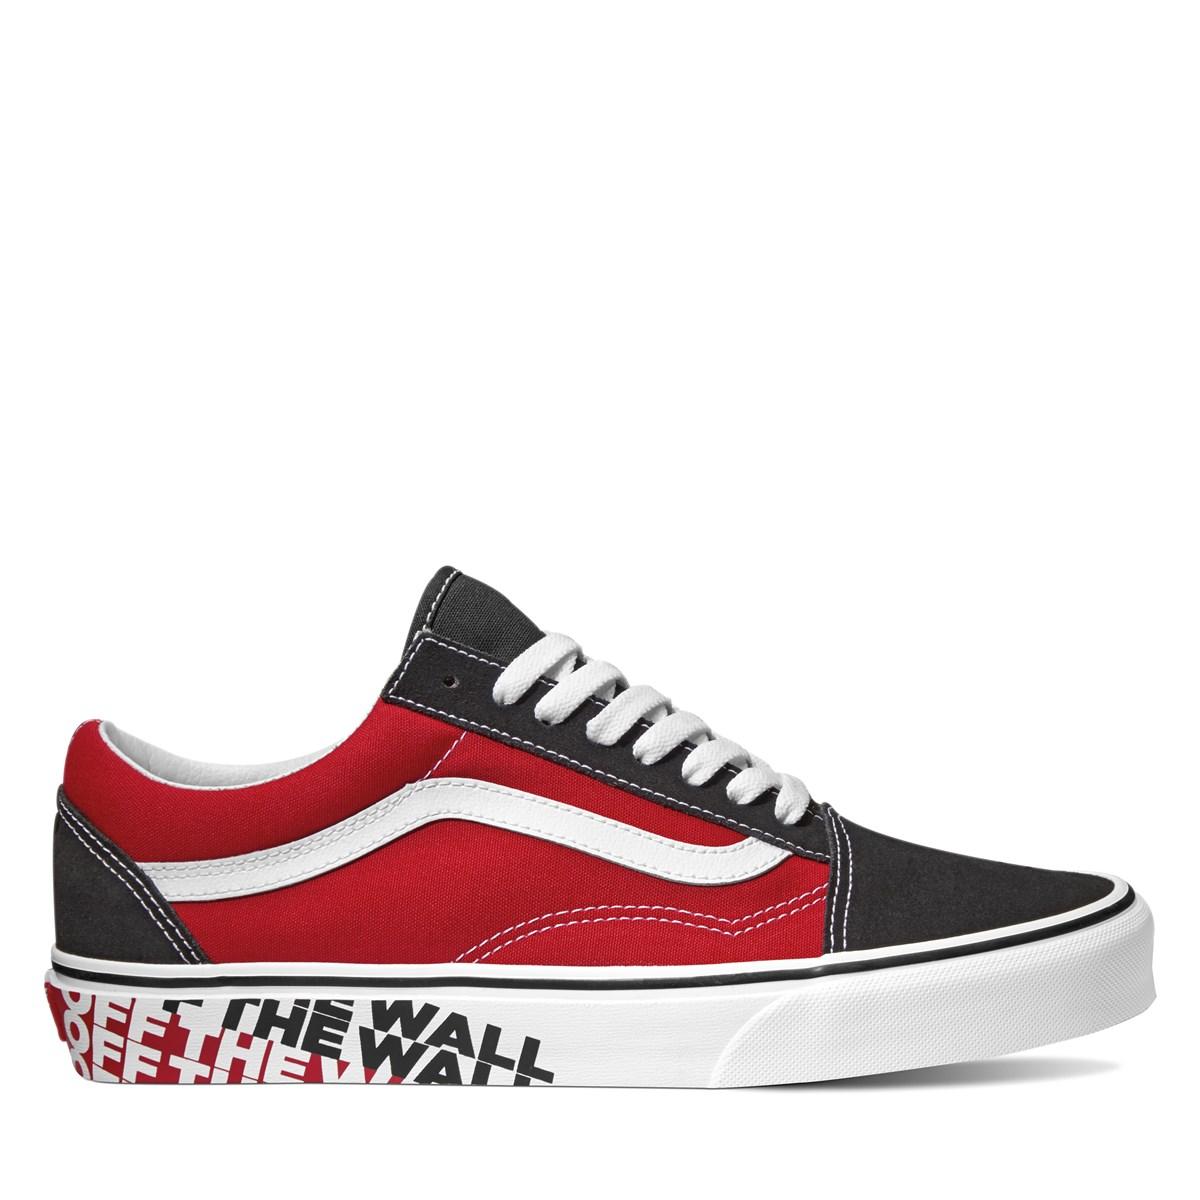 Men's Old Skool OTW Side Wall Red Sneaker